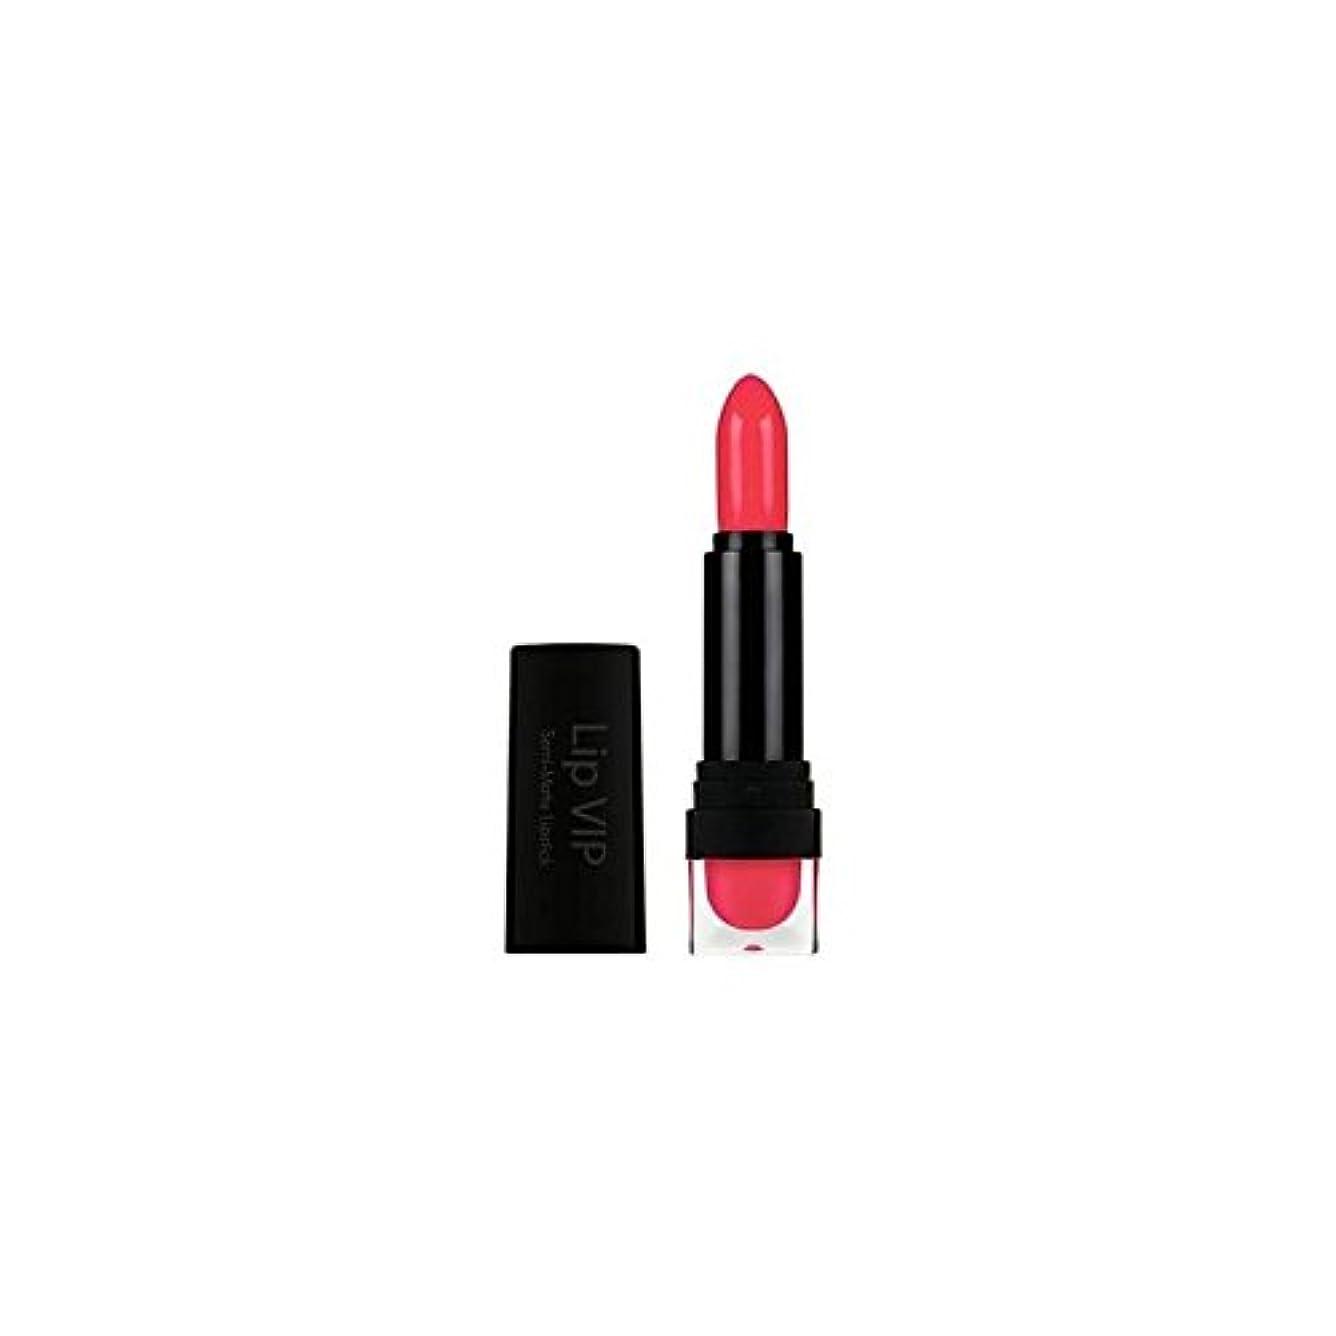 曲線在庫トライアスロンホット ..なめらかな気まぐれなコレクションリップ x4 - Sleek Whimsical Collection Lip V.I.P Hot Tottie (Pack of 4) [並行輸入品]